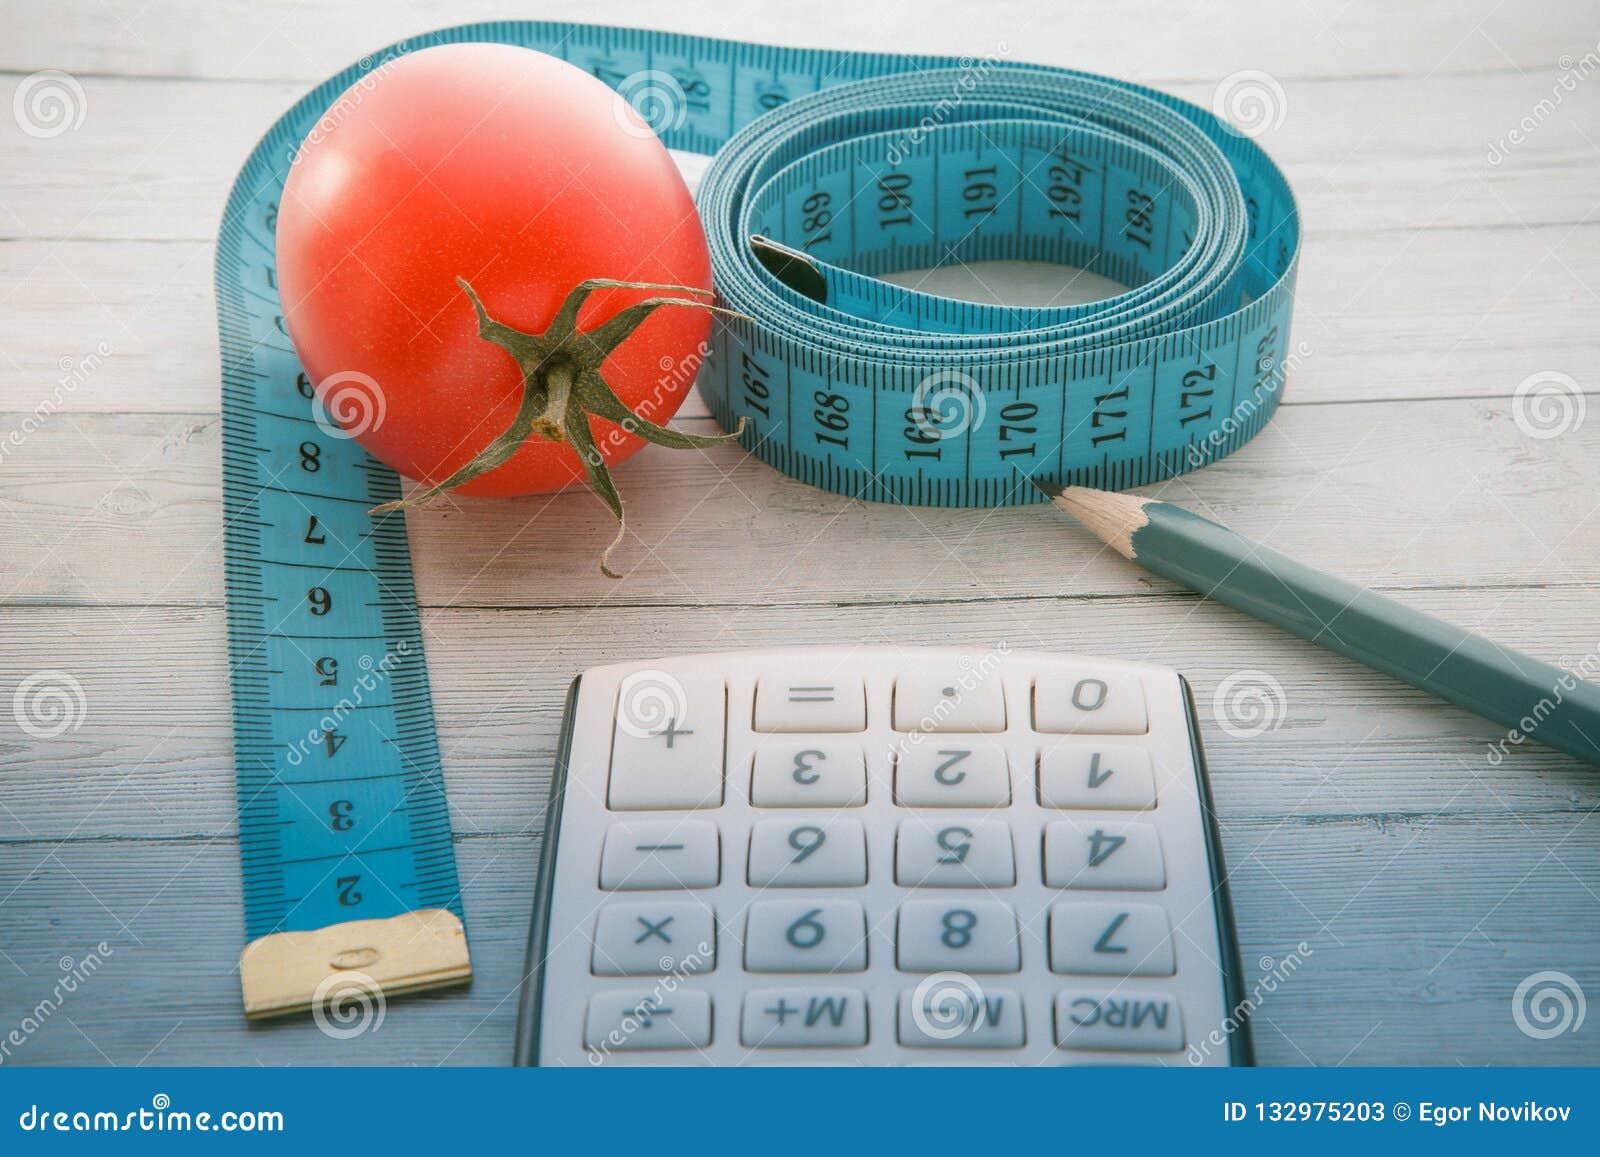 Fita e calculadora de medição com tomate suculento, conceito de comer saudável e emagrecimento, close-up